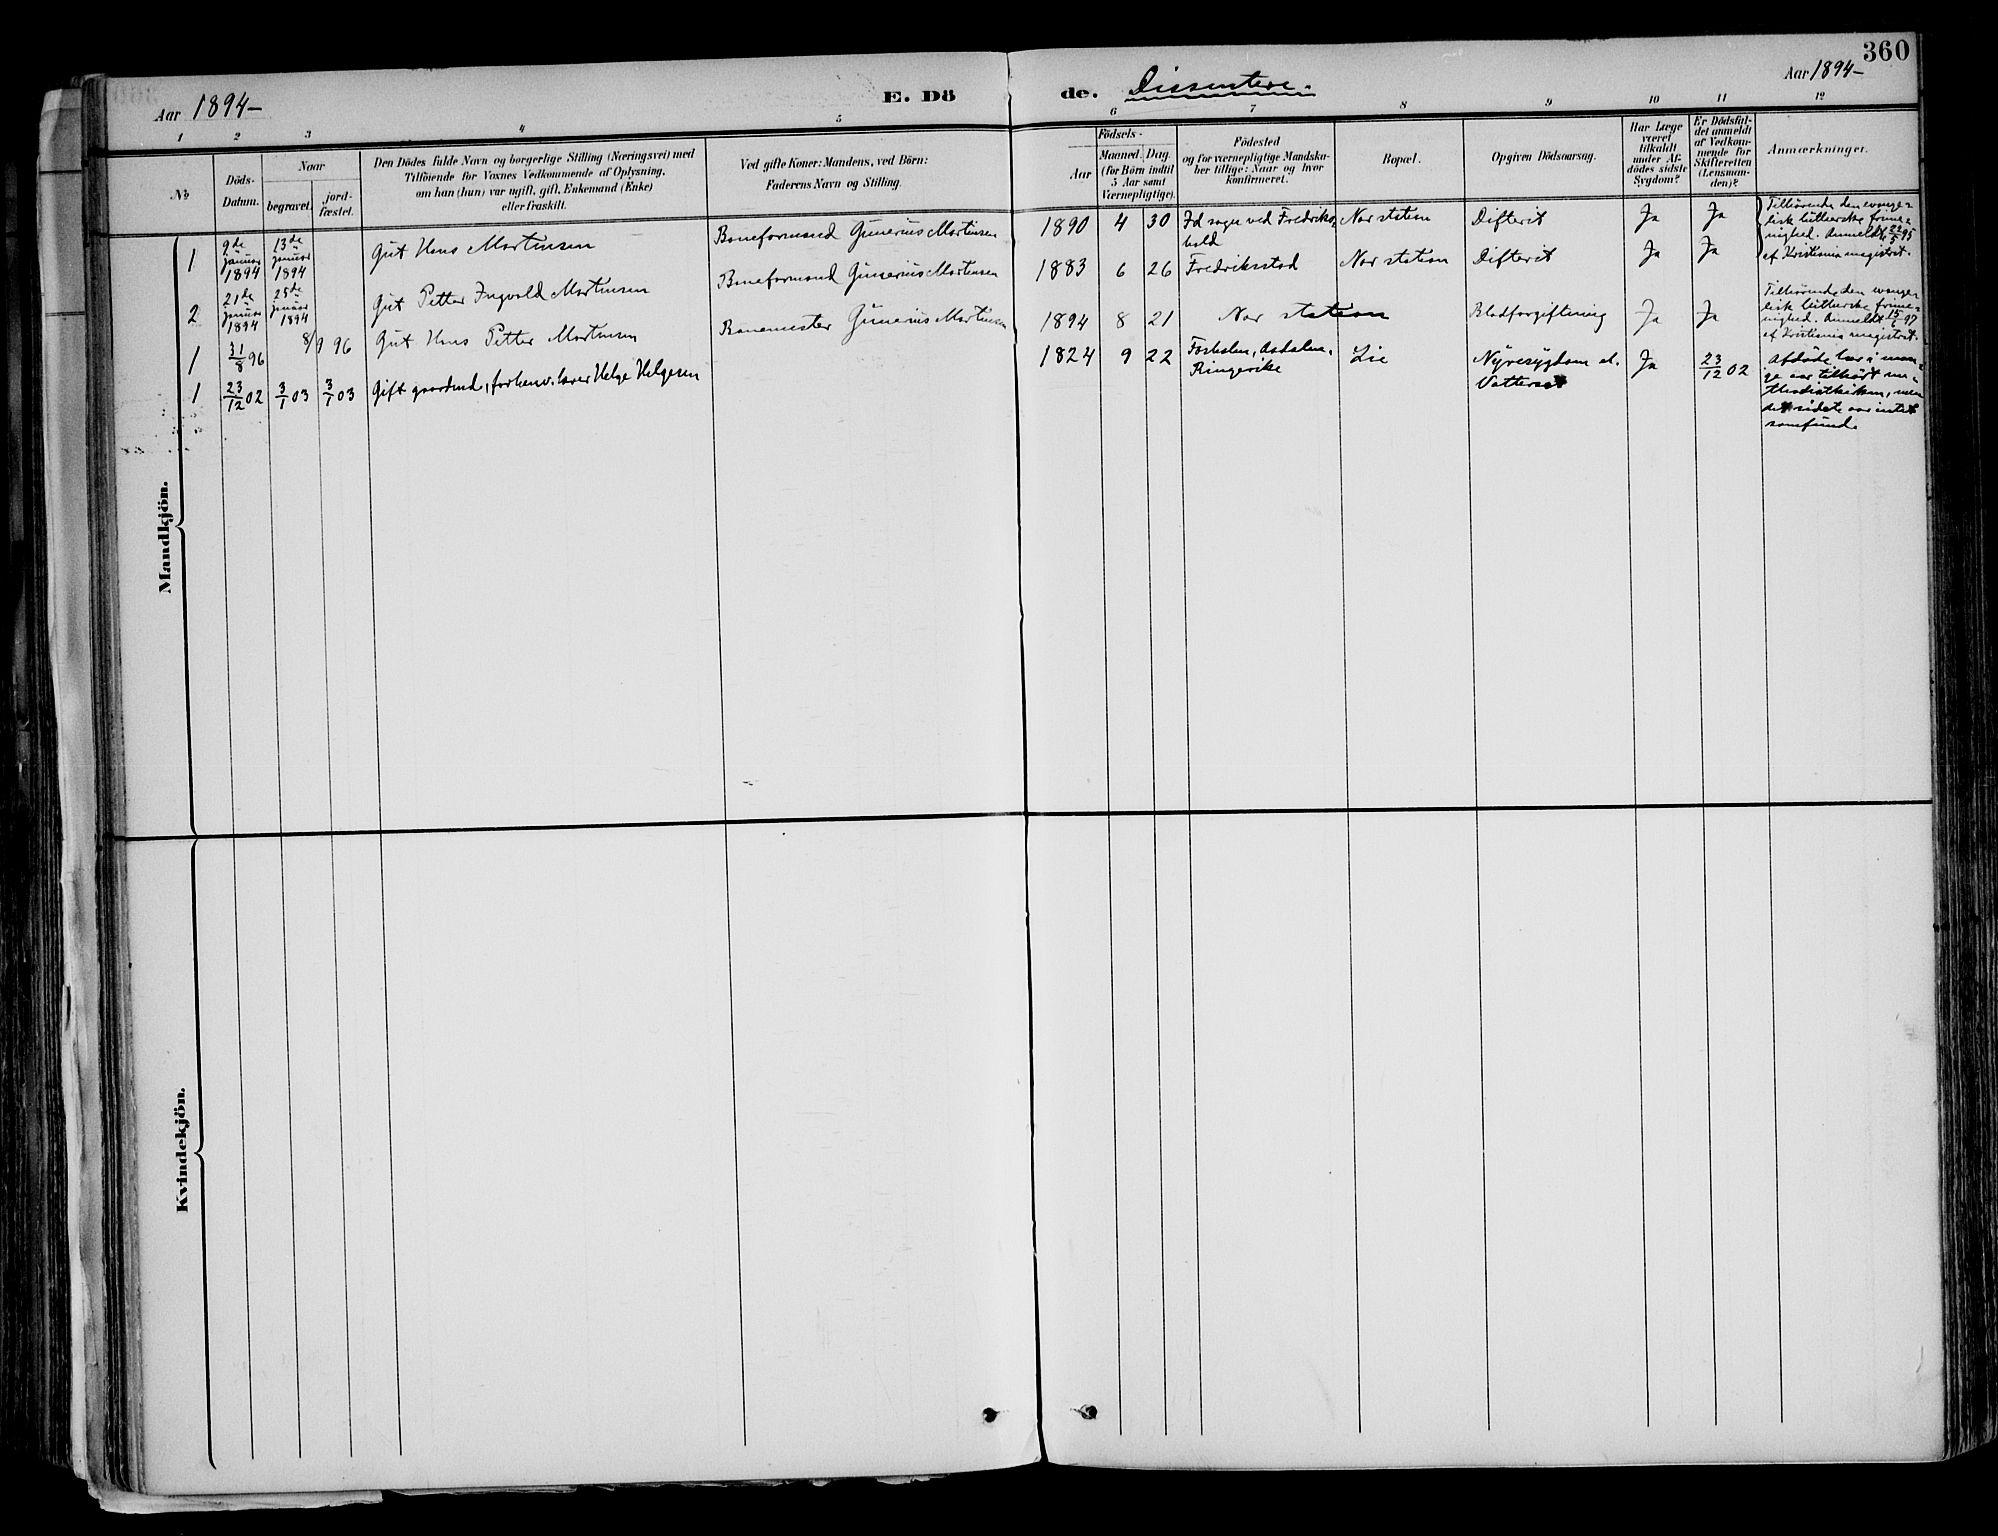 SAH, Brandval prestekontor, H/Ha/Haa/L0003: Ministerialbok nr. 3, 1894-1909, s. 360